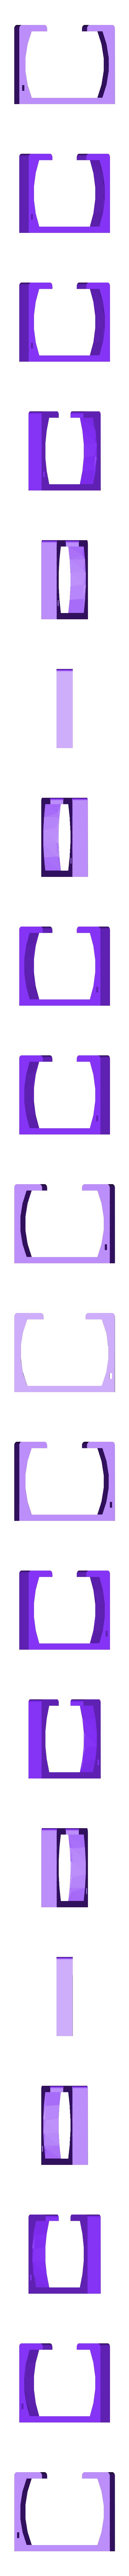 Soporte_regleta_10mm_v2.stl Télécharger fichier STL gratuit Soporte regleta eléctrica / Soutien pour les barrettes d'alimentation • Objet à imprimer en 3D, Paco_Maker